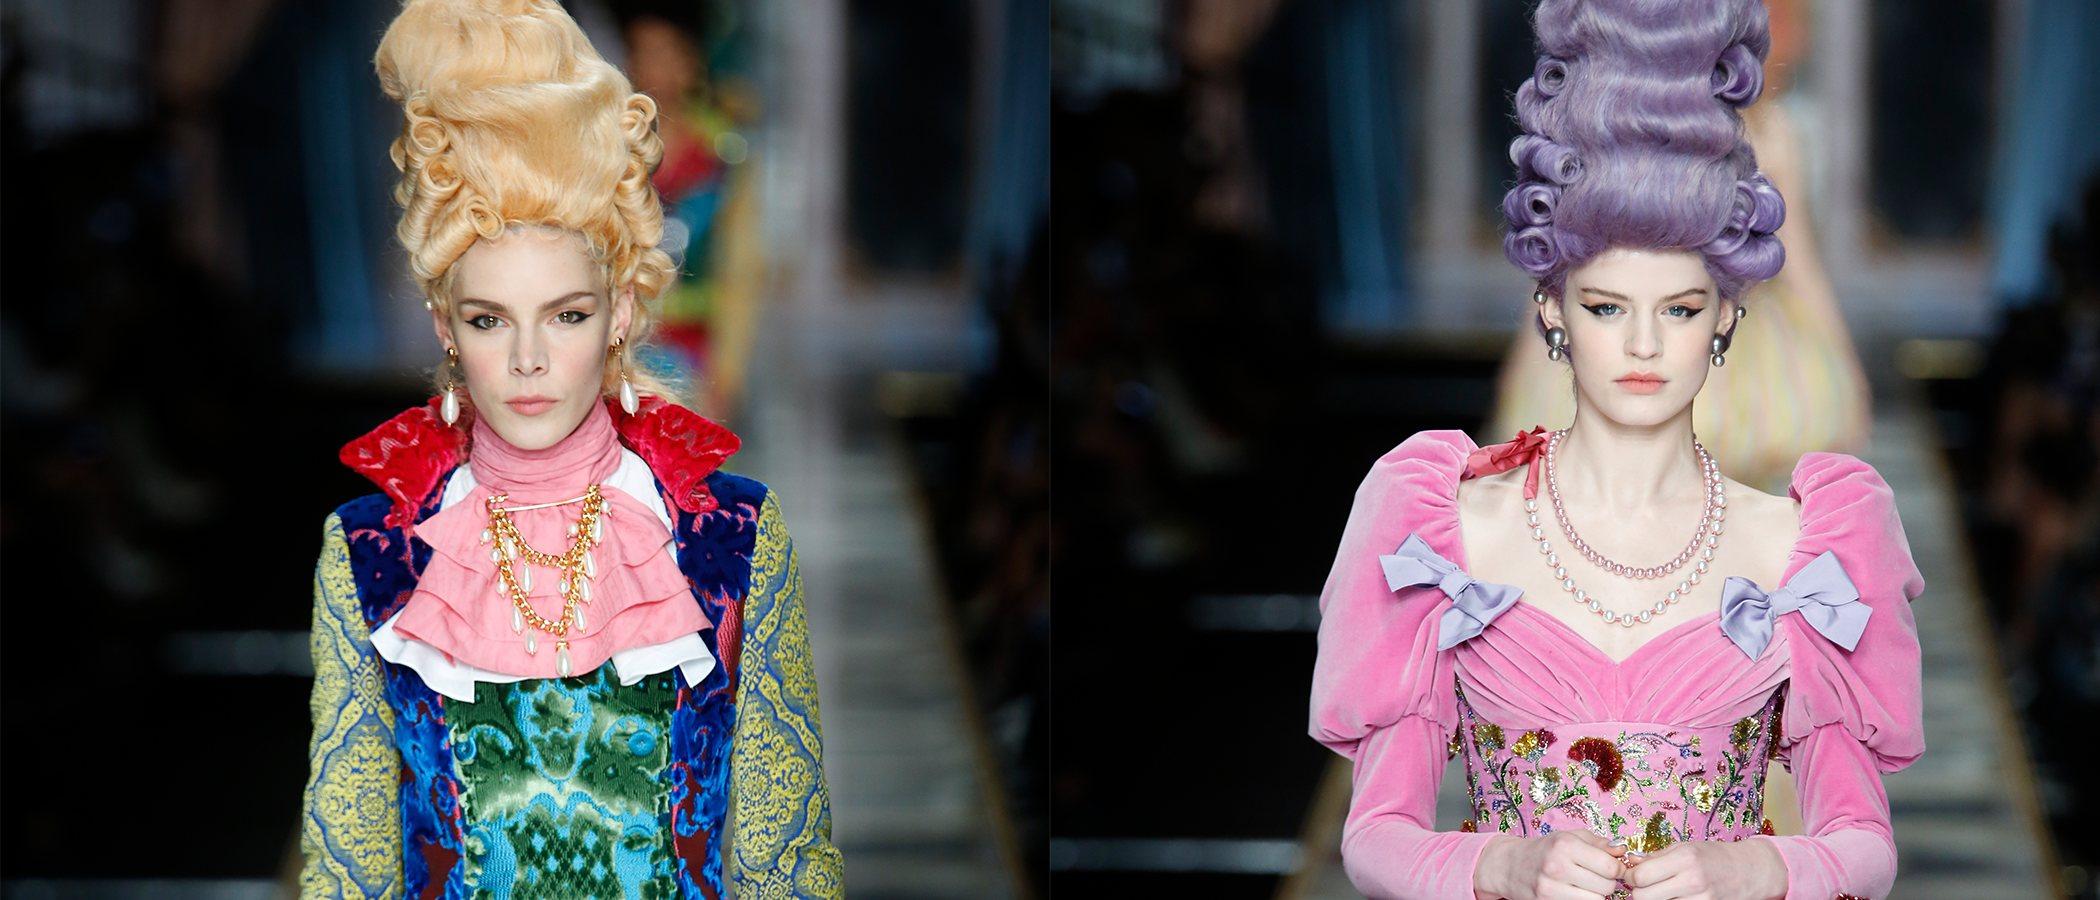 El exorbitante estilo de Maria Antonieta inspira la colección de Moschino otoño/invierno 2020-2021